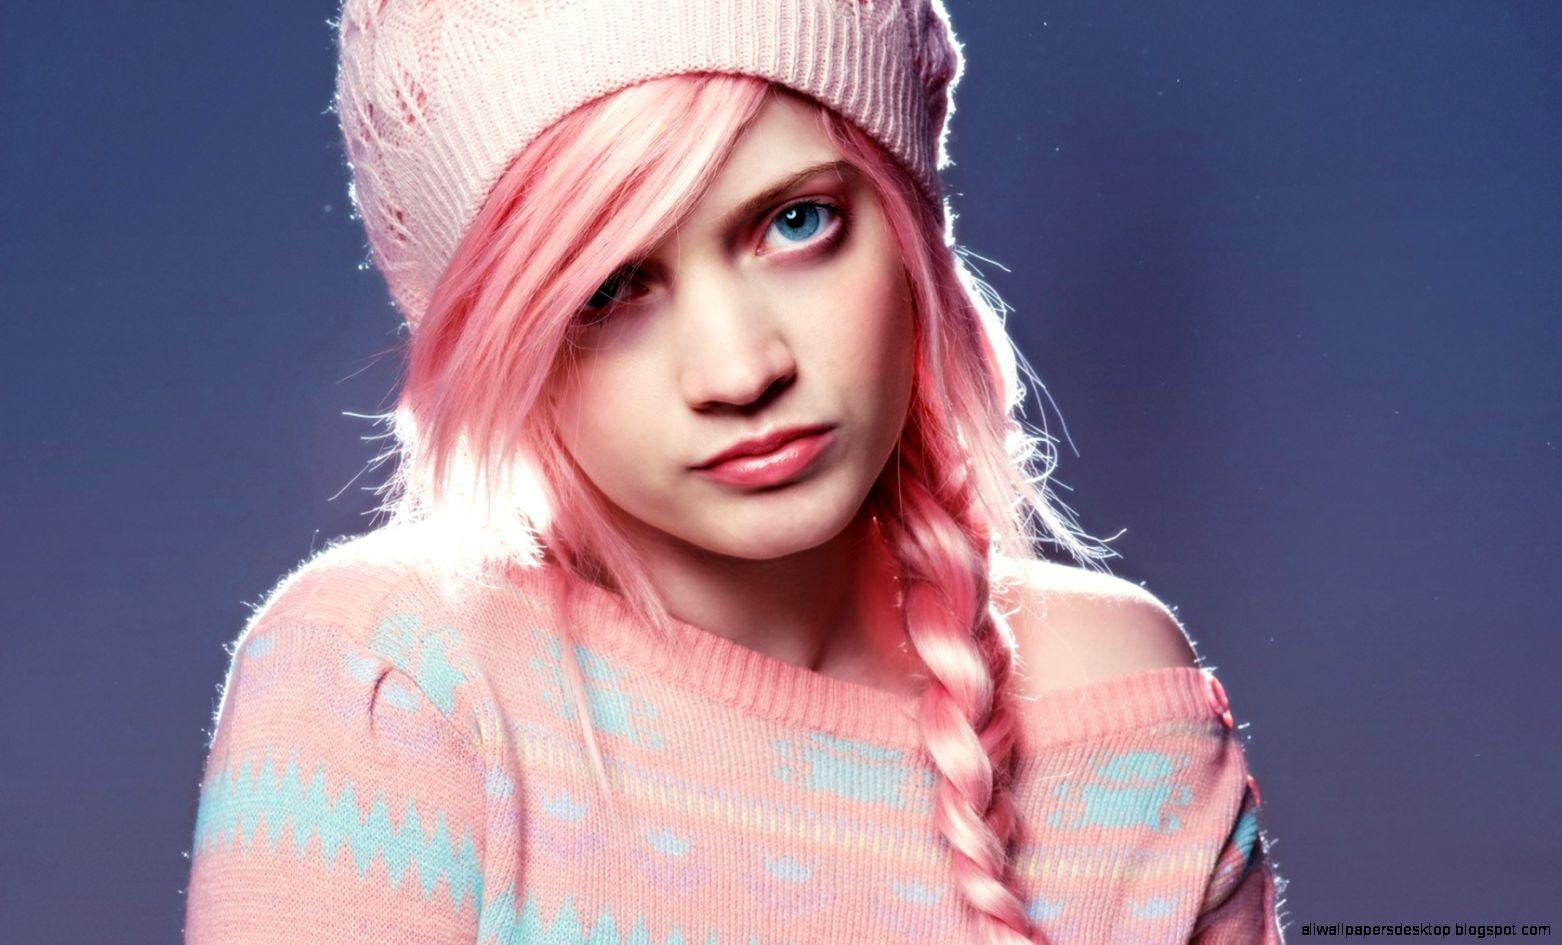 Red Hair Fashion Girl 6995151